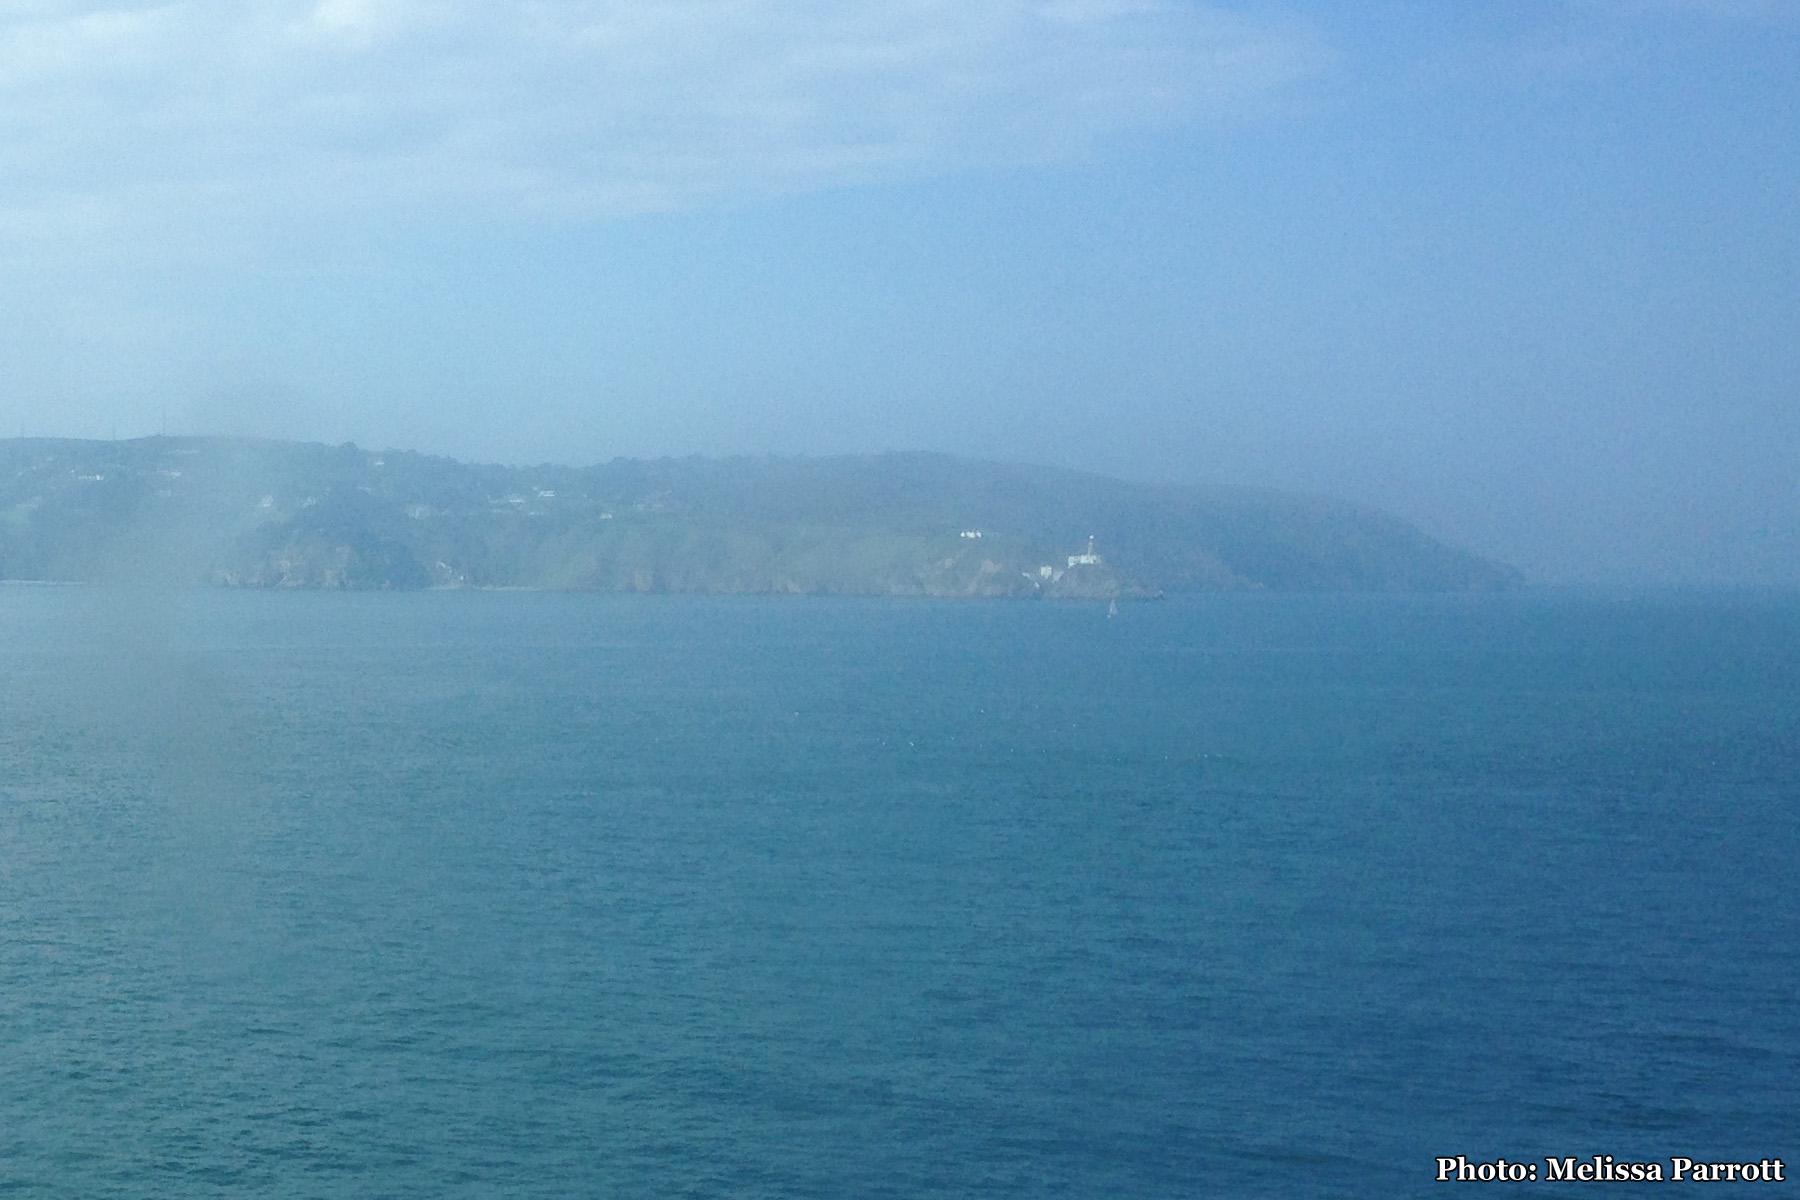 Across the Irish Sea -Approaching the Emerald Isle